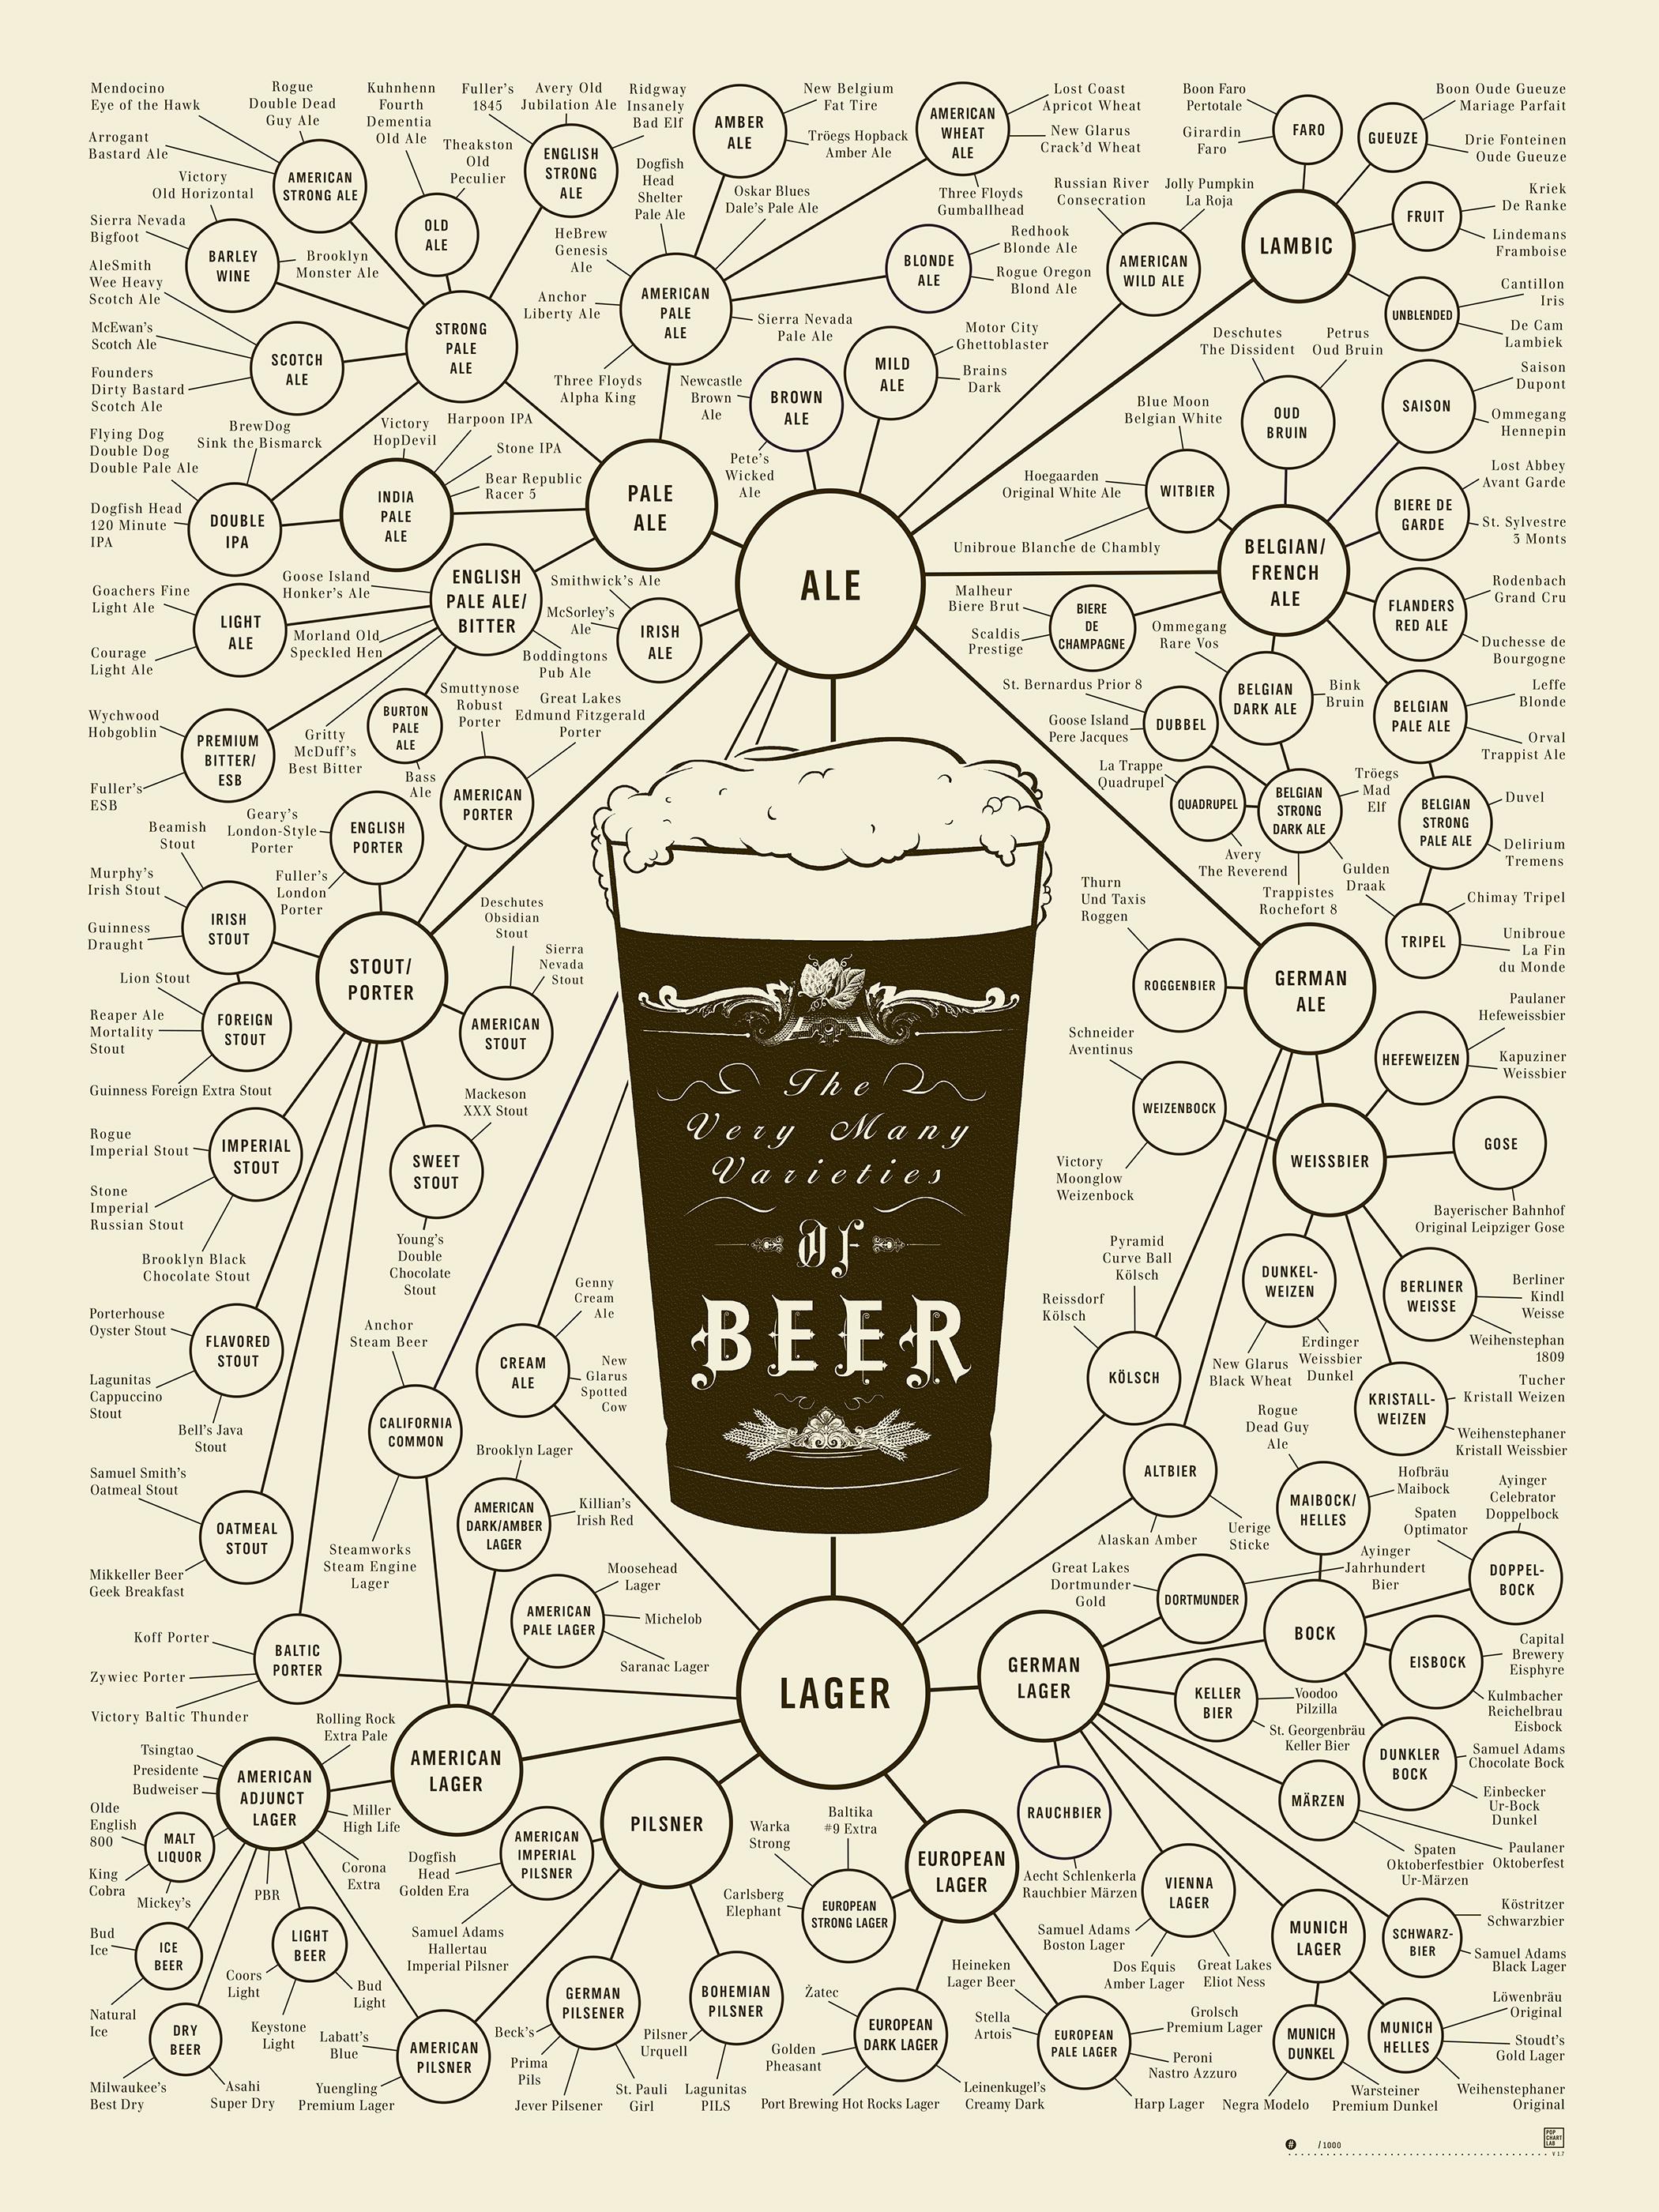 Arbol genealogico de tipos y estilos de cerveza